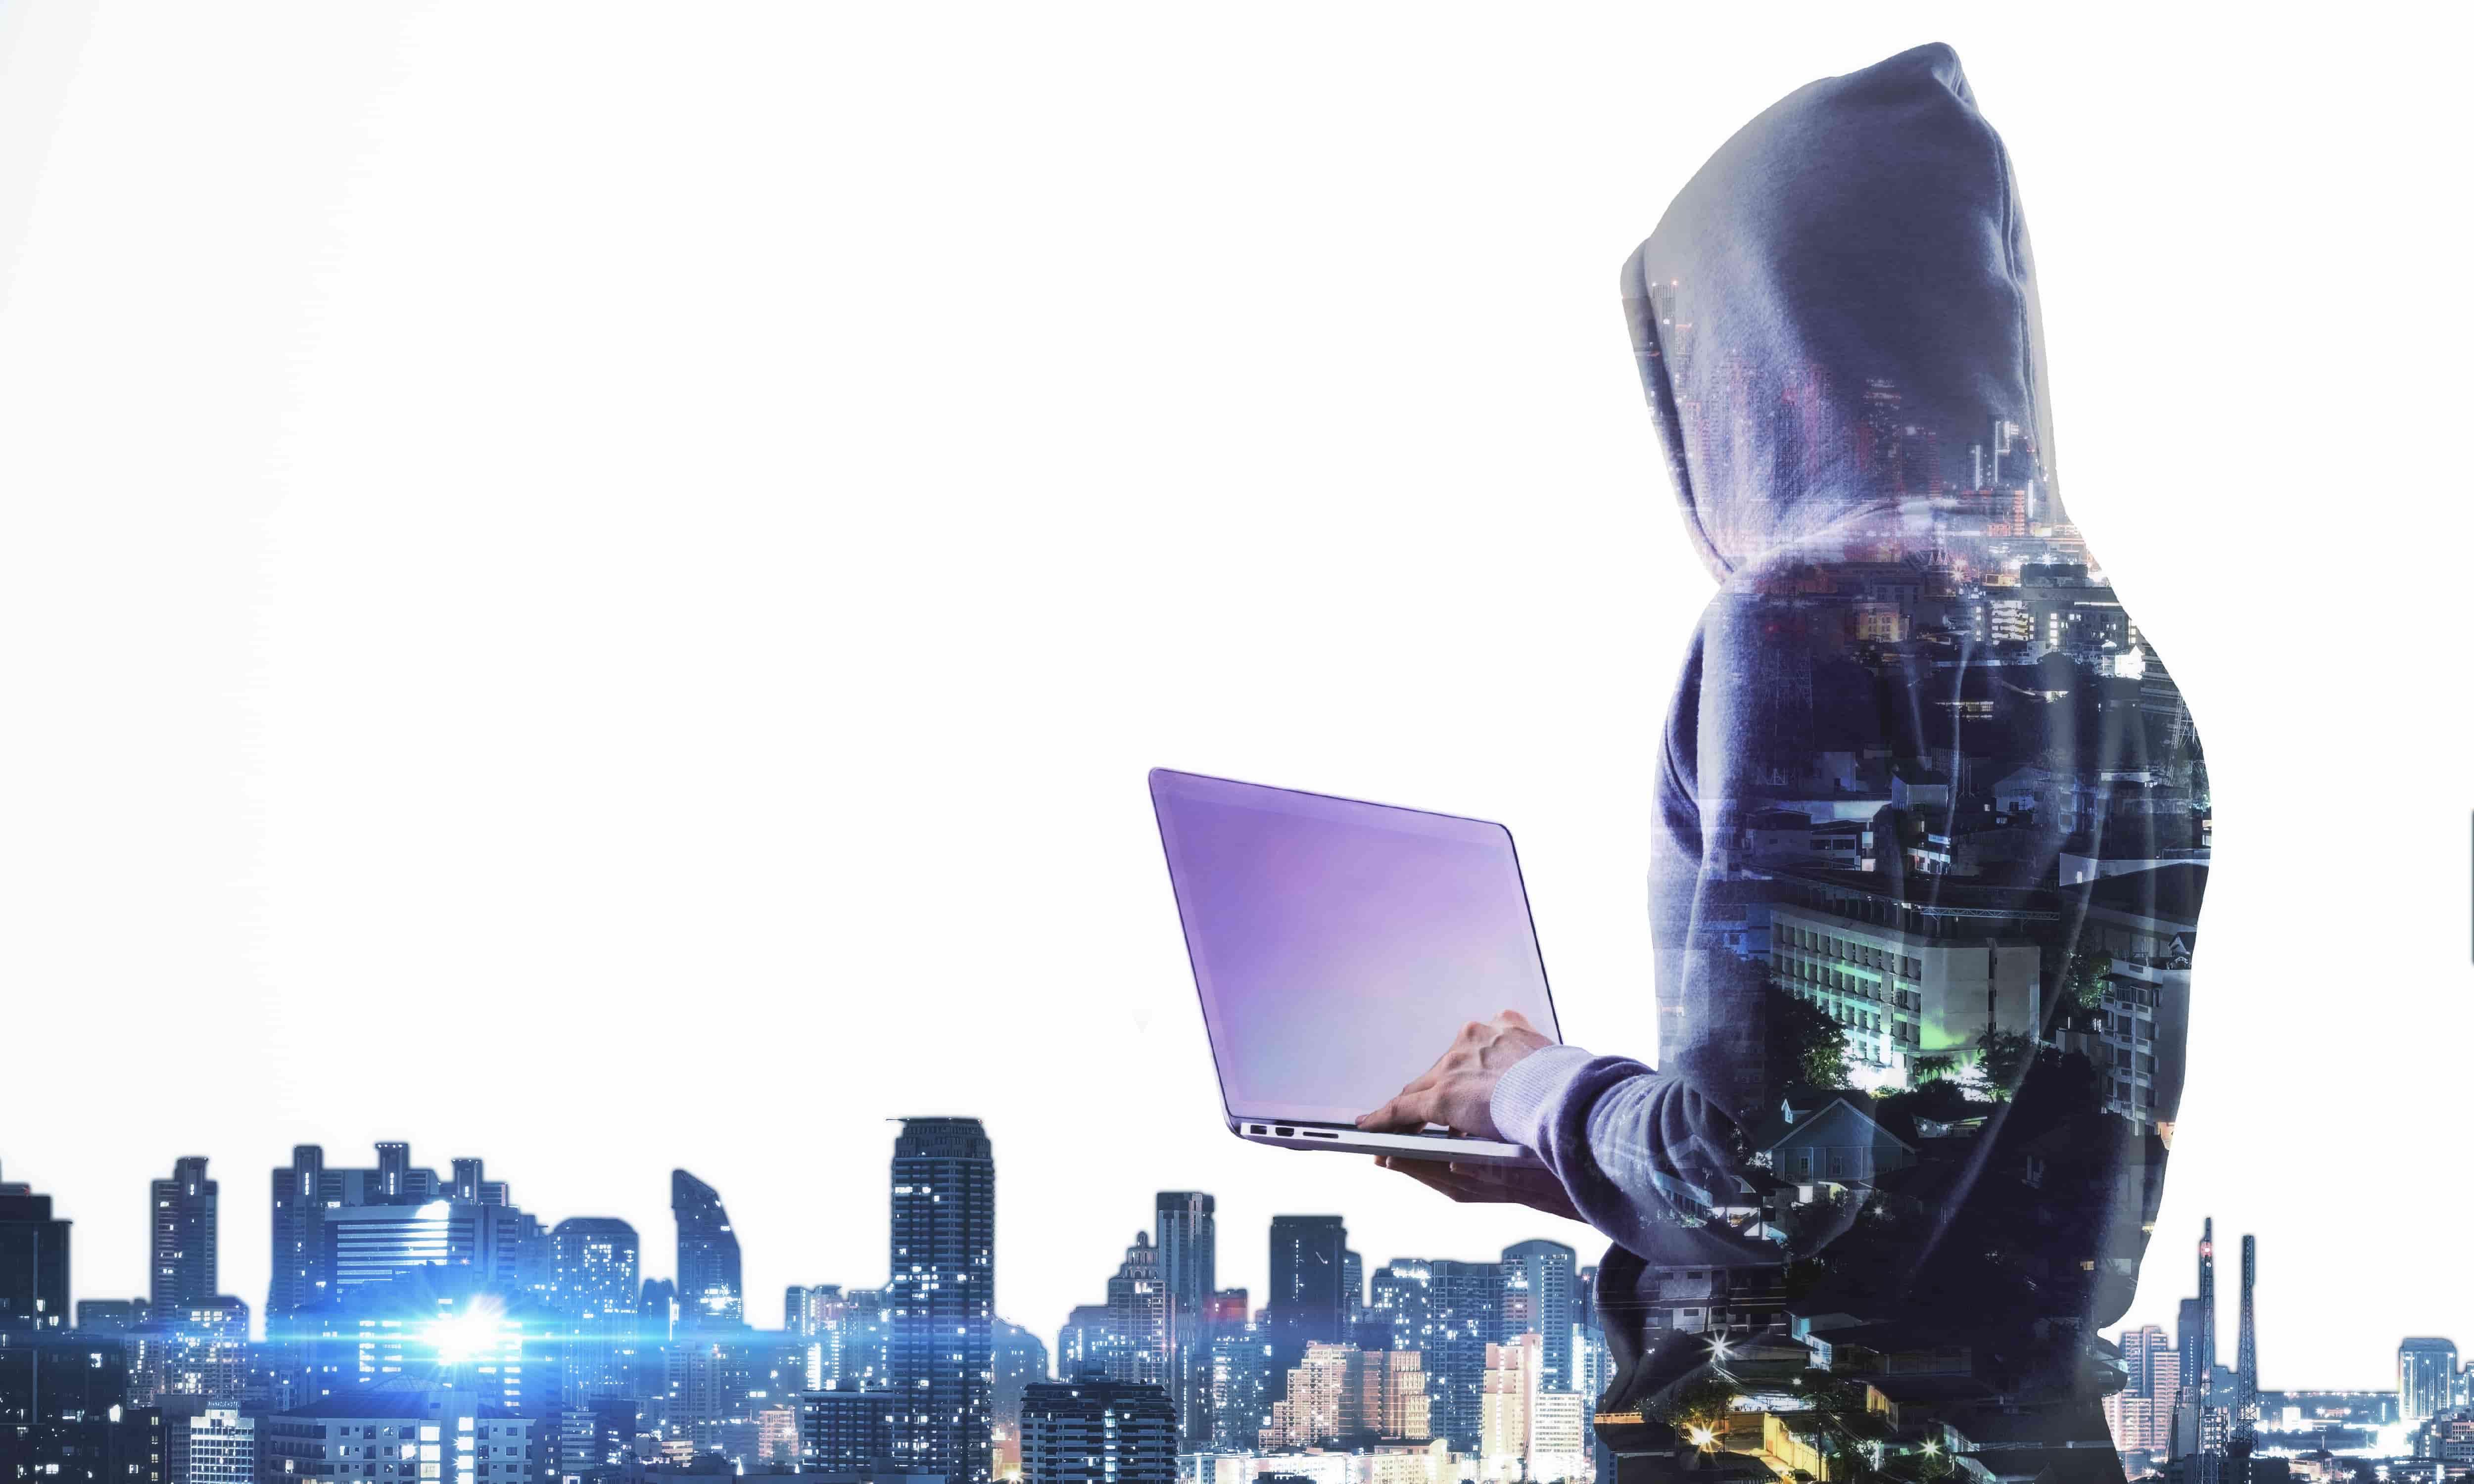 テレワーク下におけるサイバー攻撃の実態と求められる知識とは?